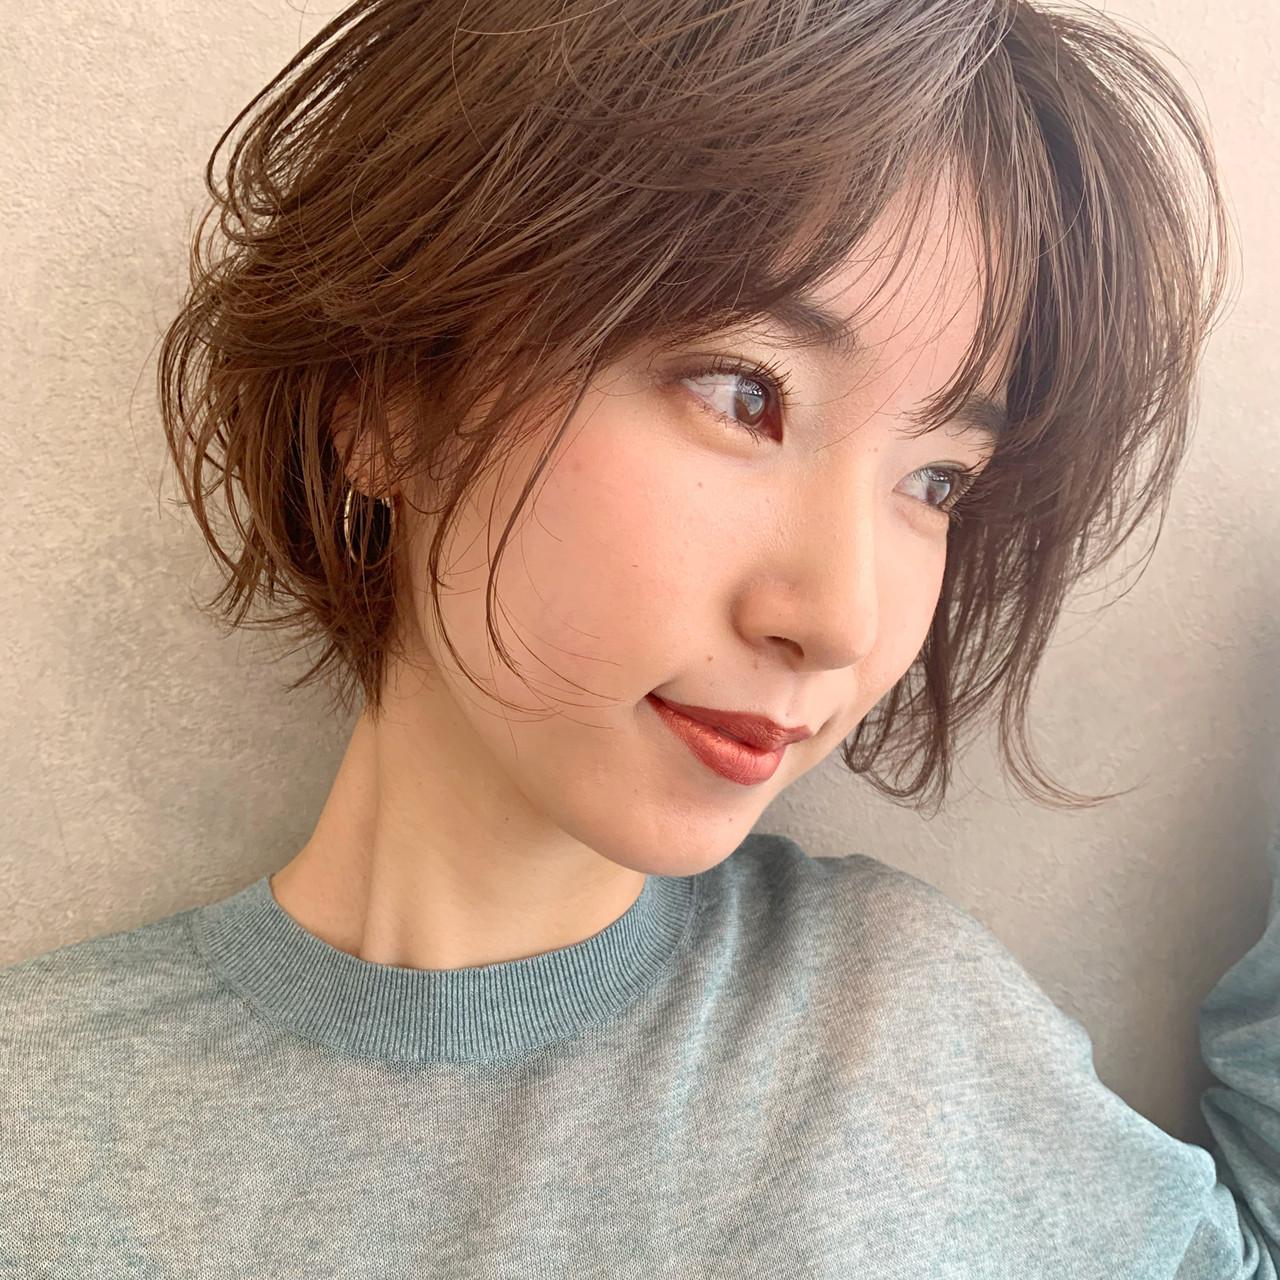 ゆるふわパーマ ショートボブ ショートヘア ナチュラル ヘアスタイルや髪型の写真・画像